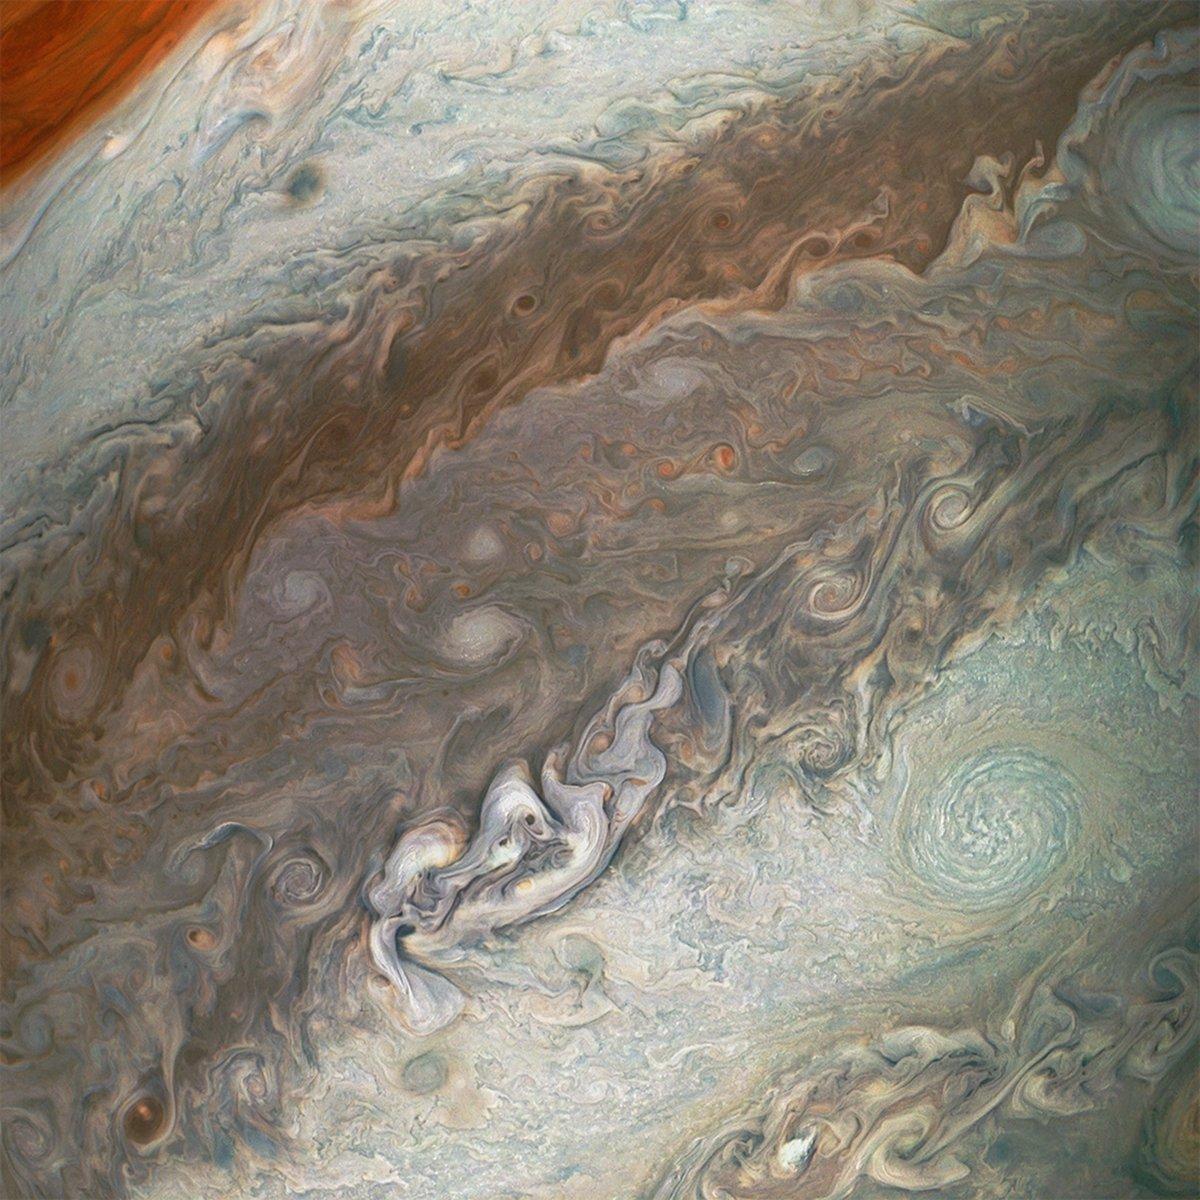 La sonda Juno revela nuevas imágenes de ciclones gigantes en Júpiter